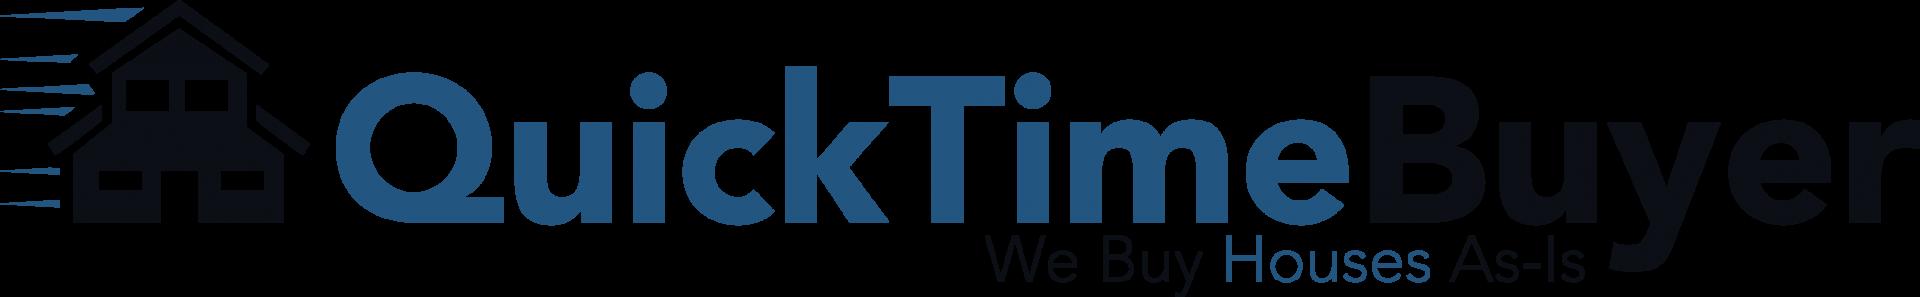 Nettles Holding Inc.  logo